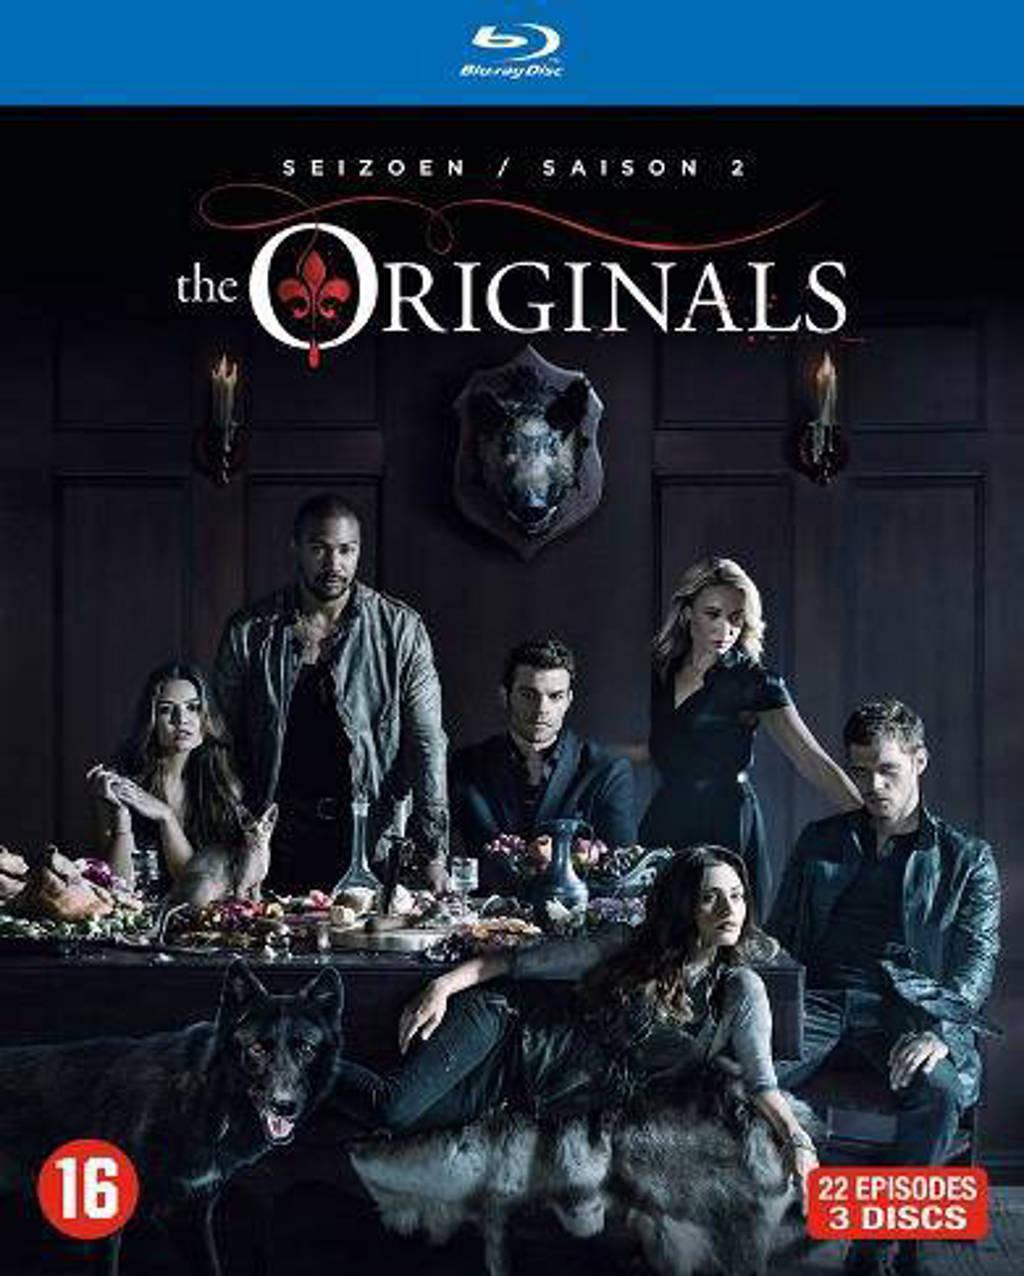 Originals - Seizoen 2 (Blu-ray)